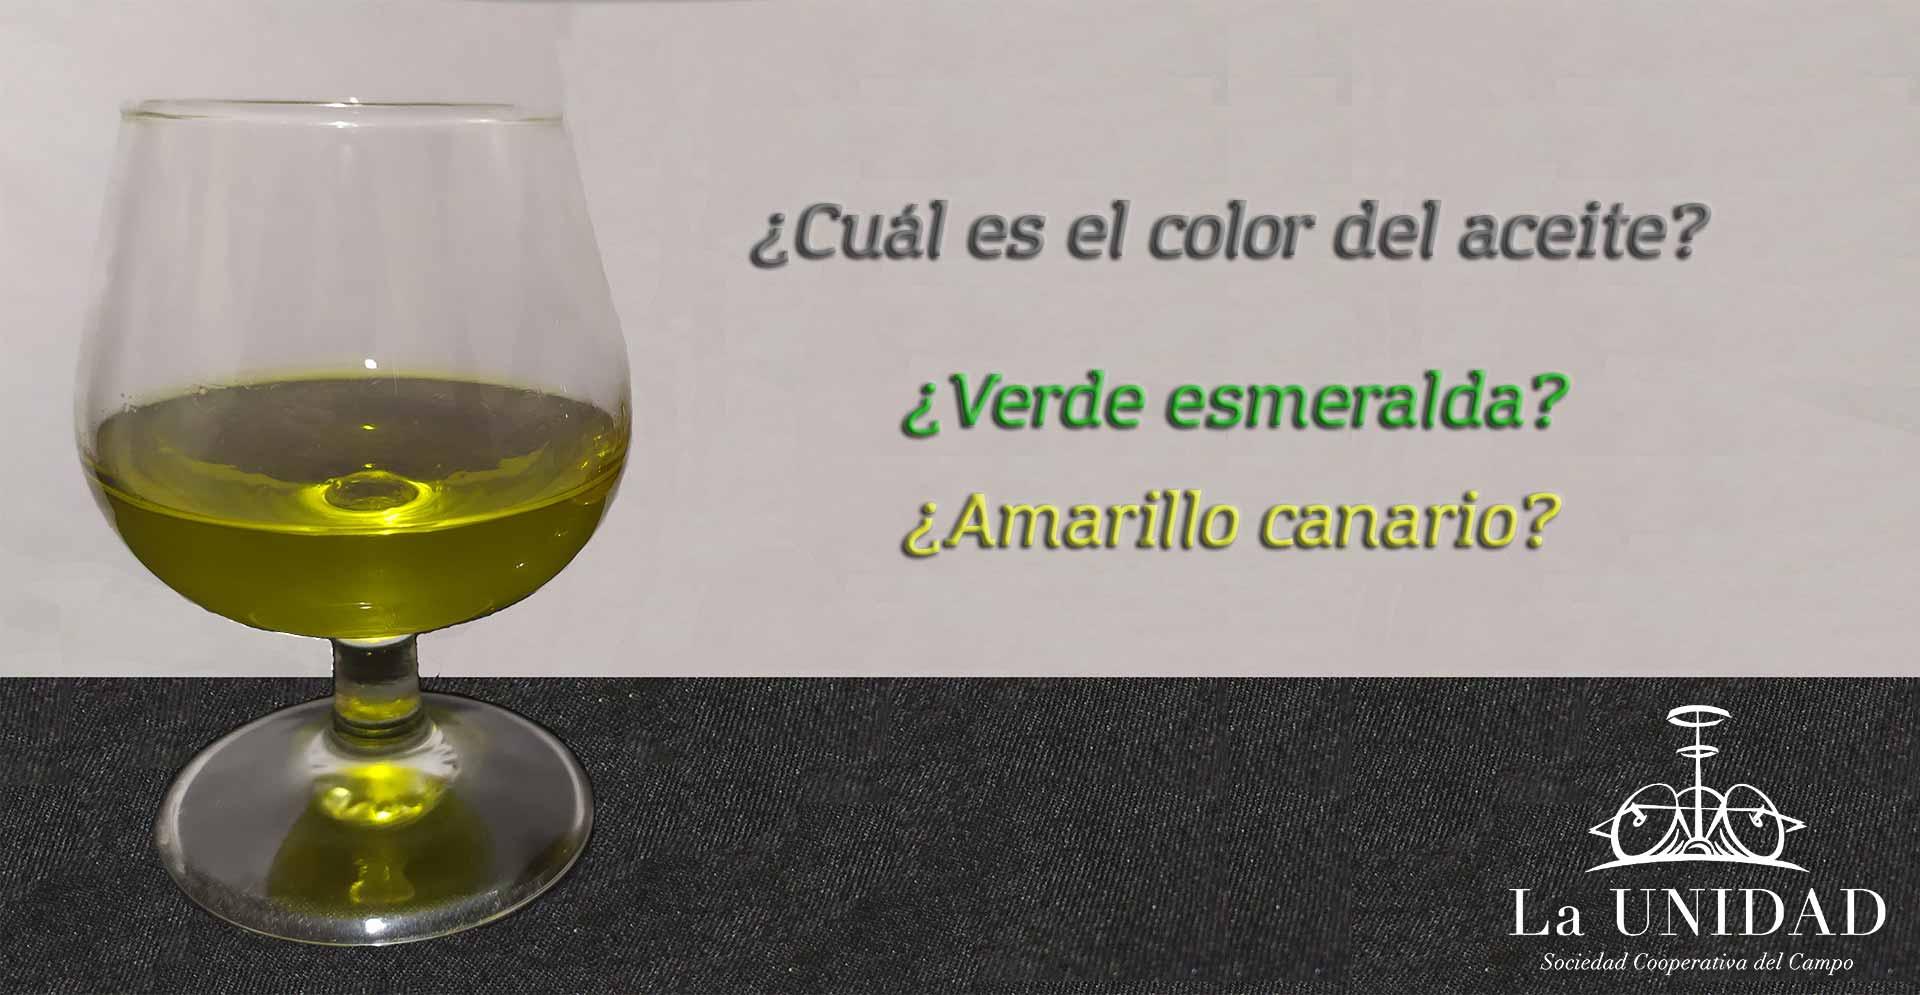 Color del aceite de oliva verde esmeralda o canario